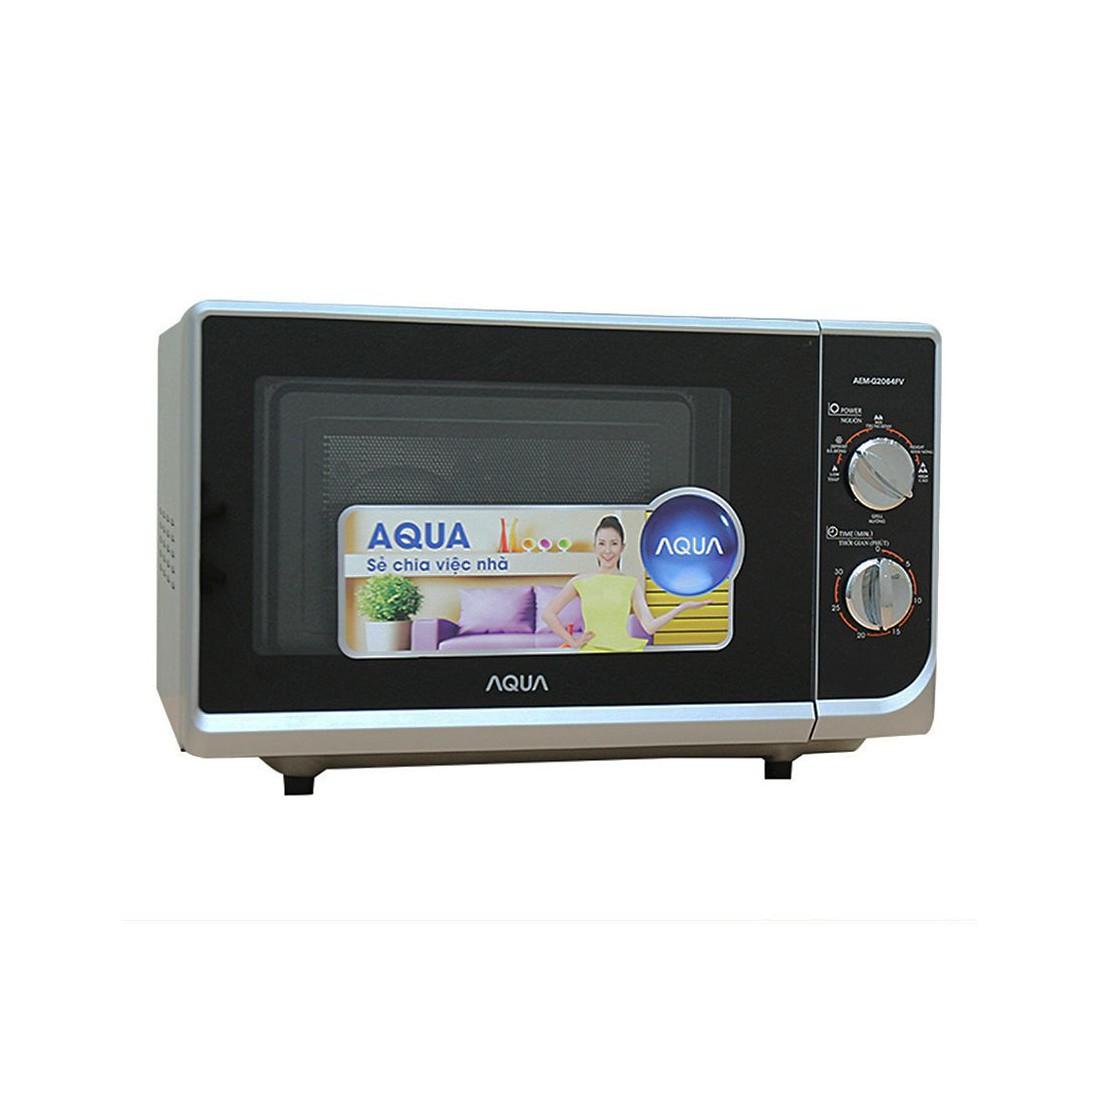 Lò Vi Sóng Aqua AEM-G2064FV-Thế giới đồ gia dụng HMD